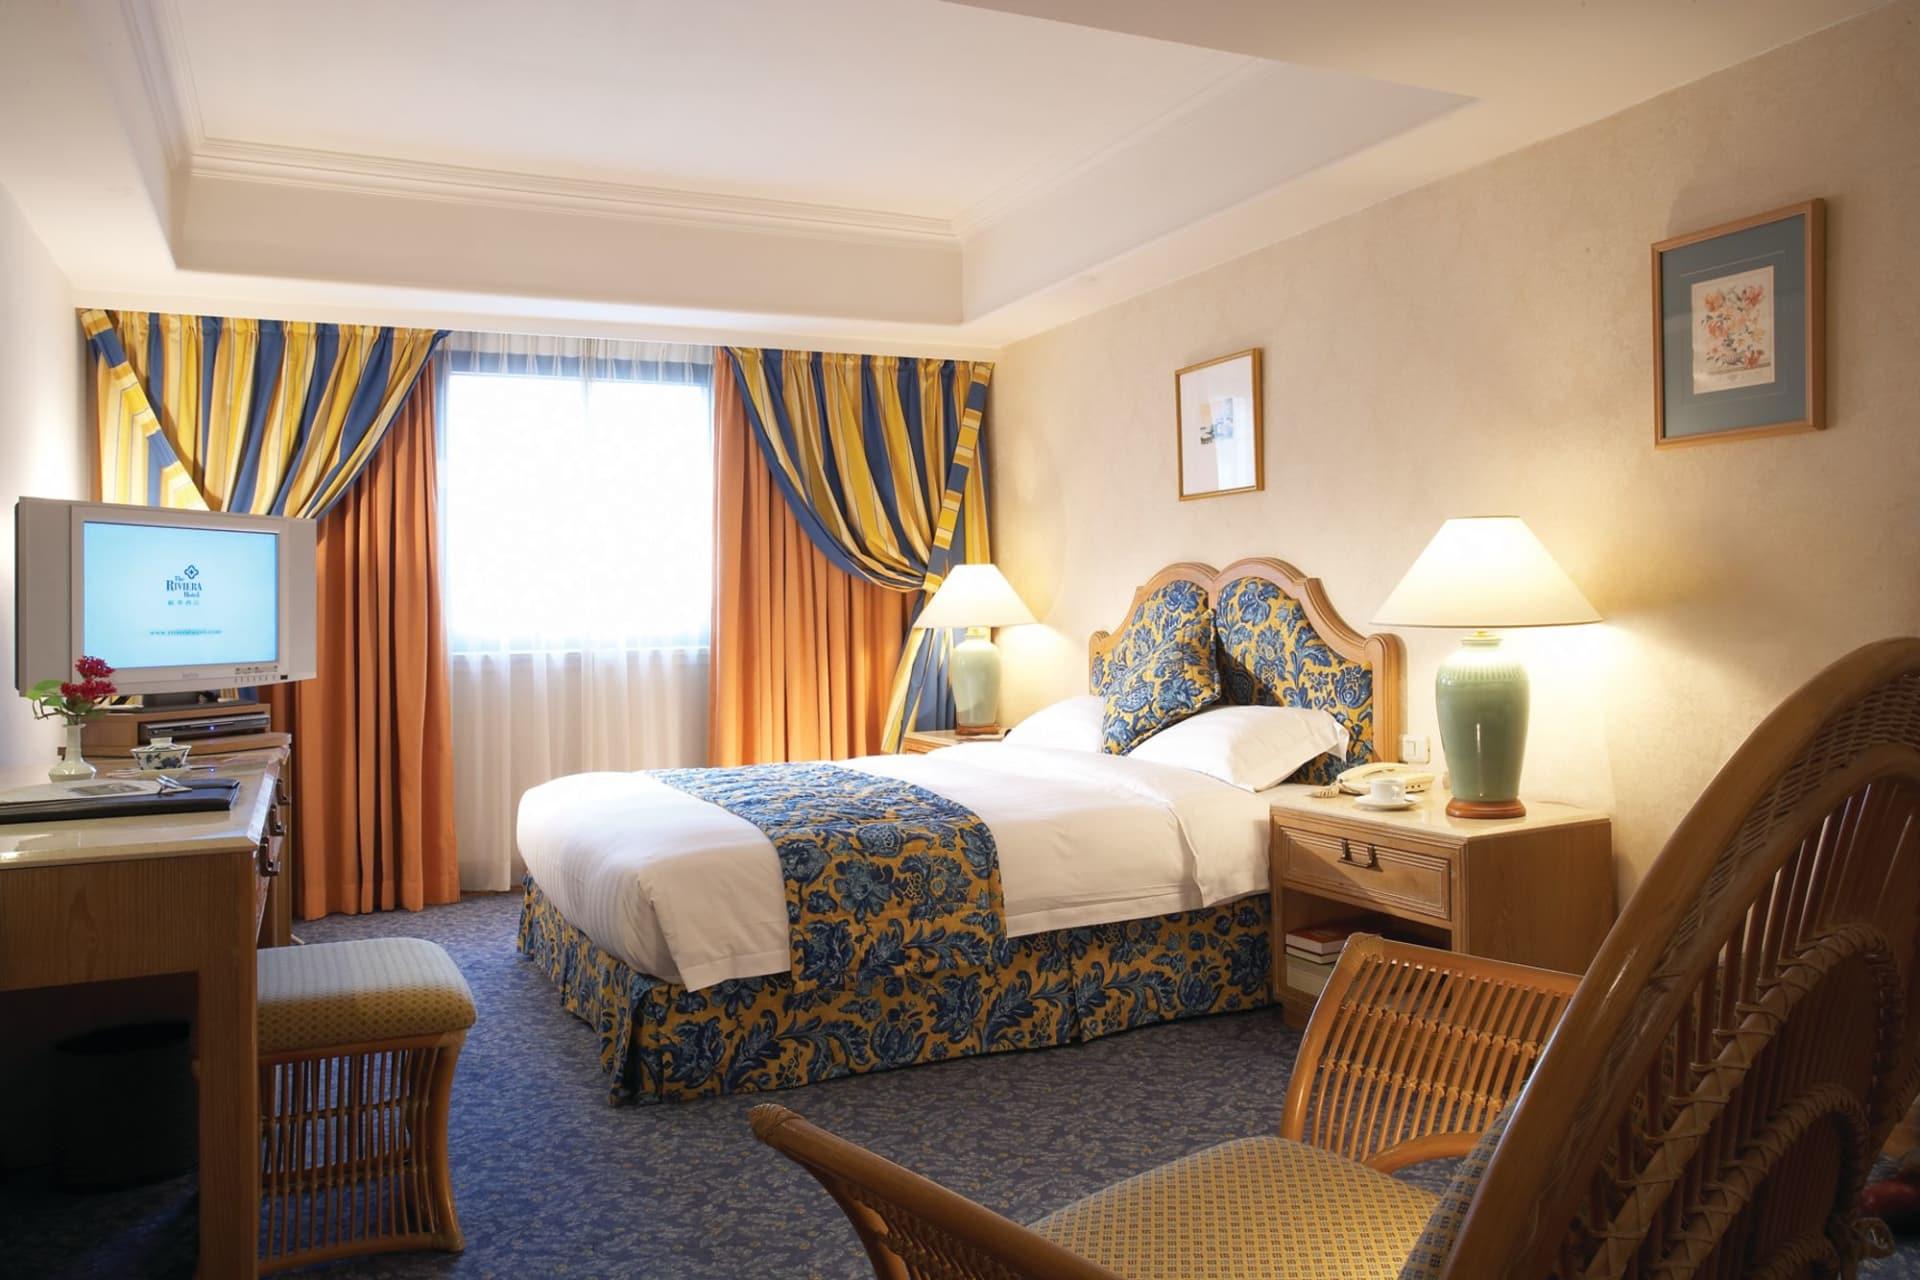 room: Deluxe | double room